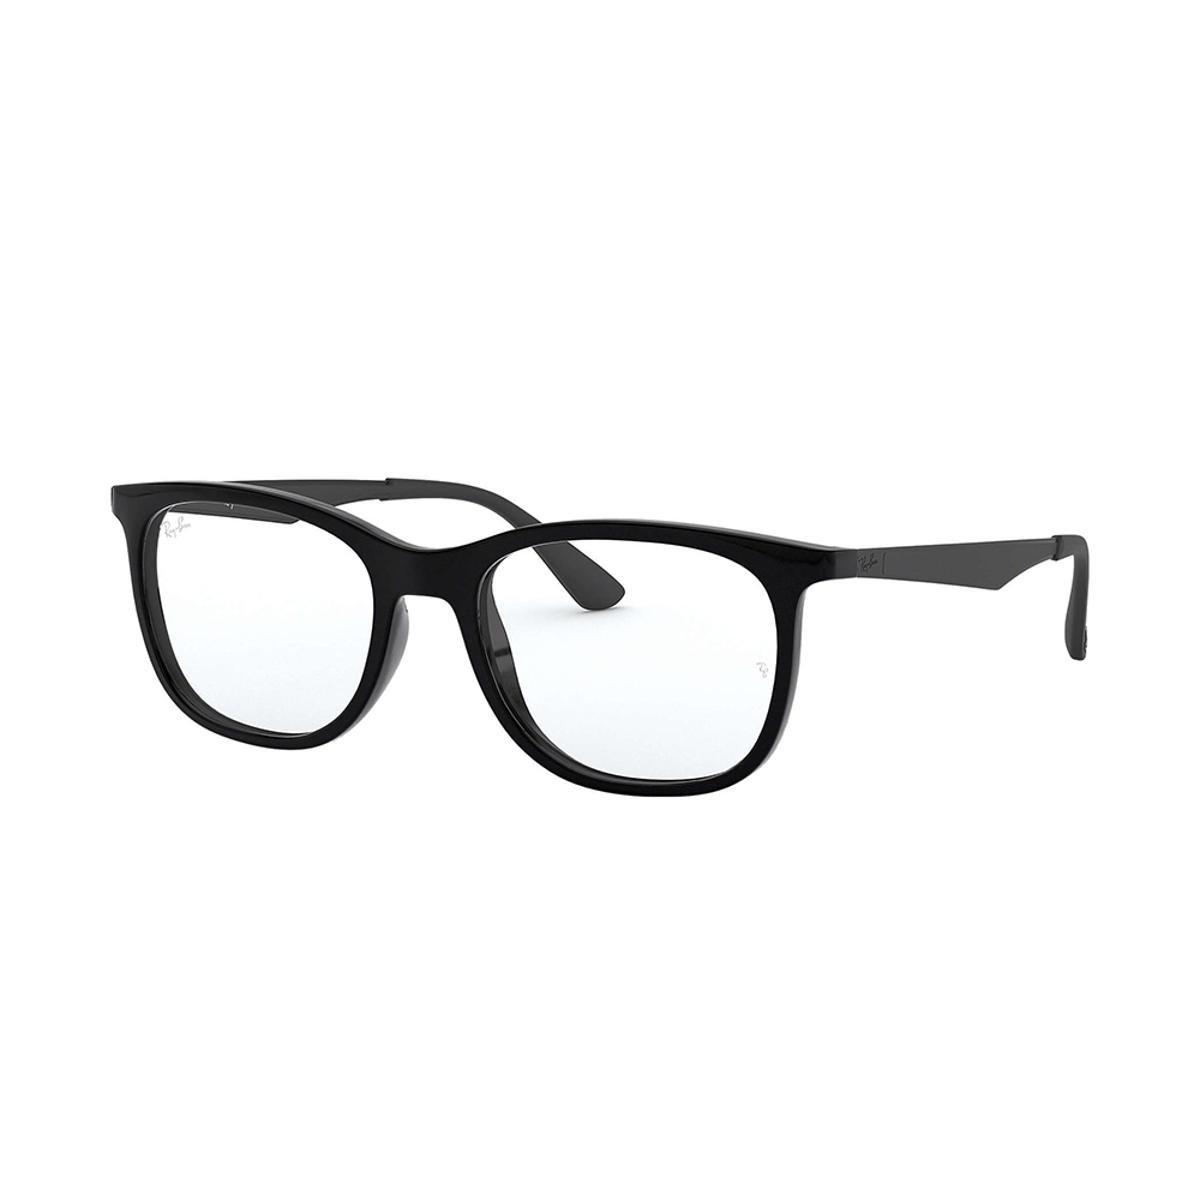 a7ca33c07becb Armação de Óculos Ray-Ban RB7078 Masculina - Preto - Compre Agora ...